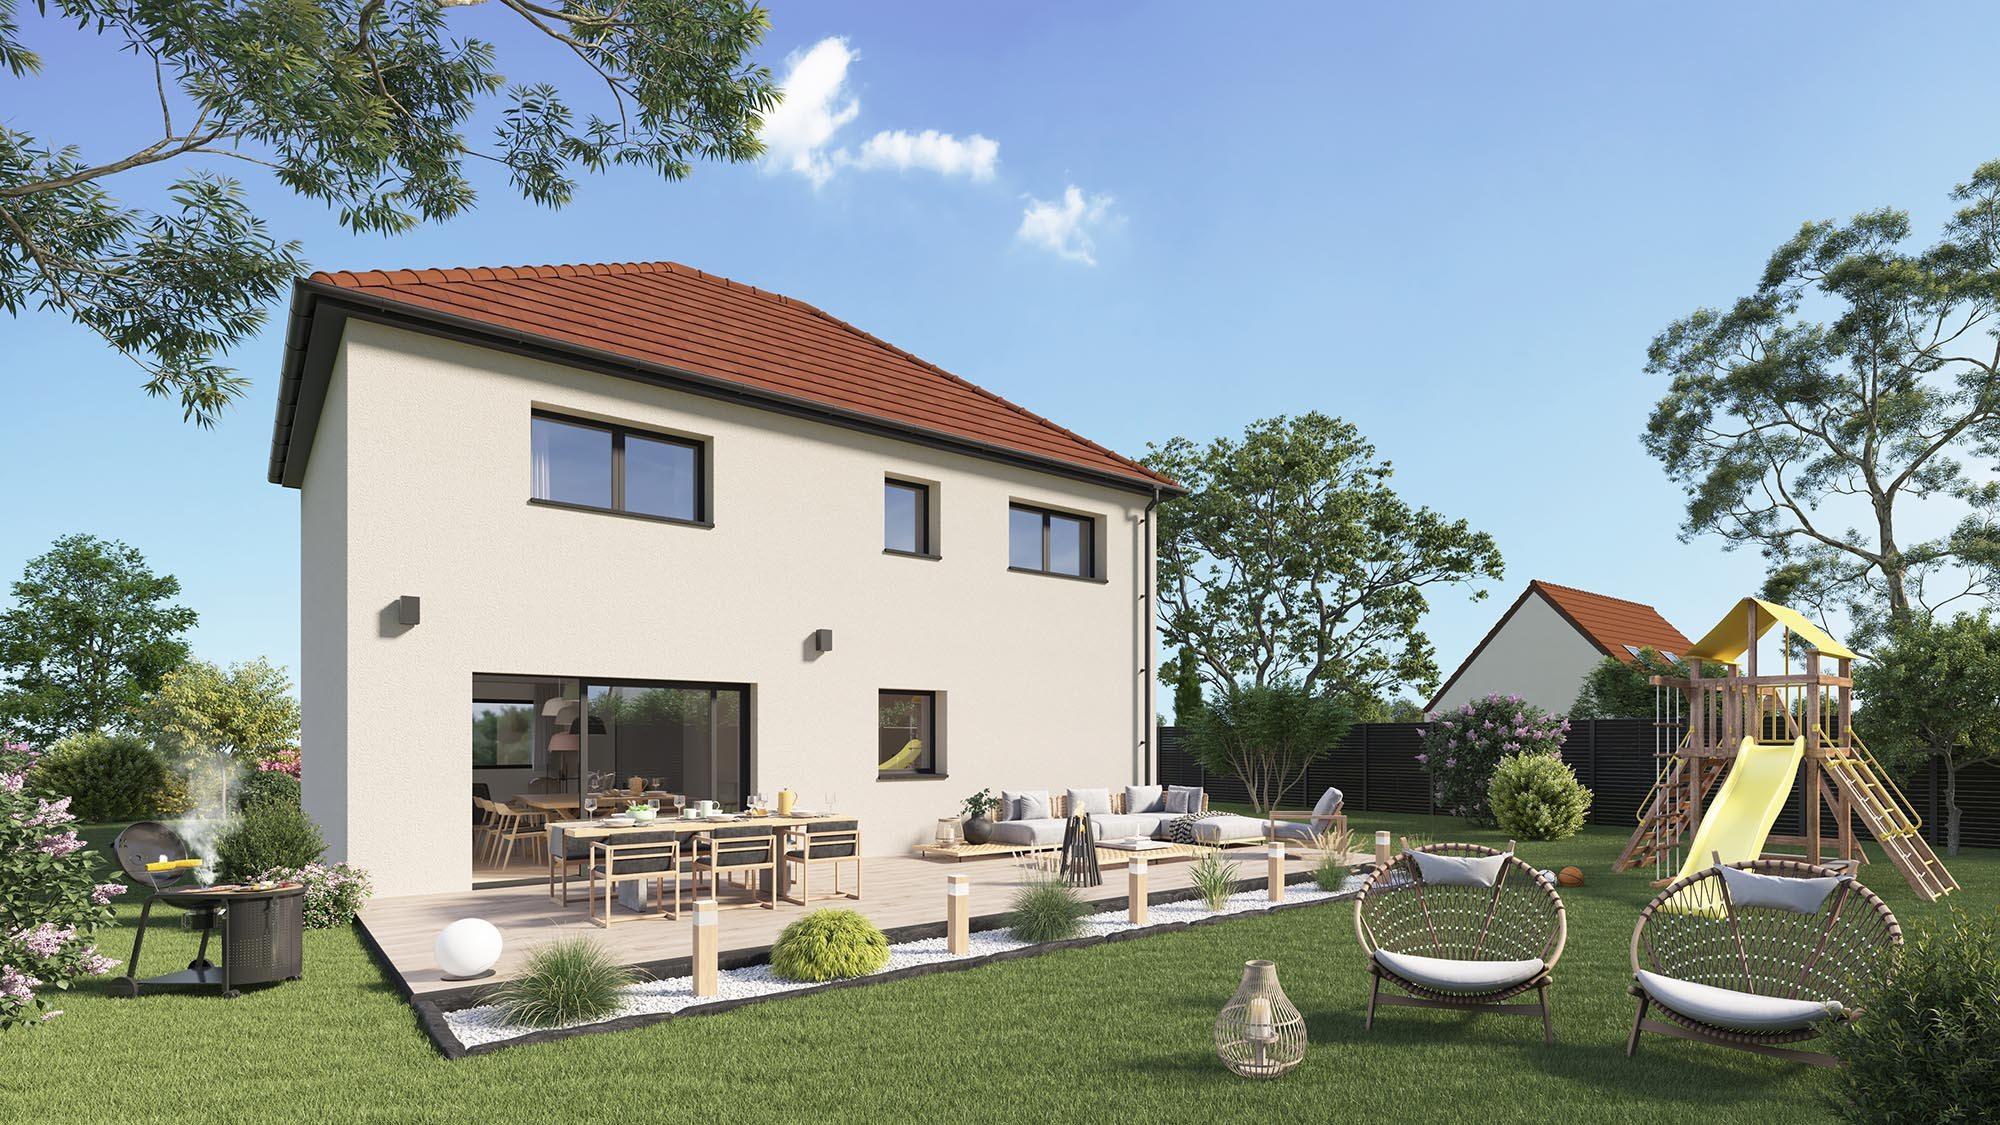 Maisons + Terrains du constructeur Maison Castor Rouen • 116 m² • ELBEUF